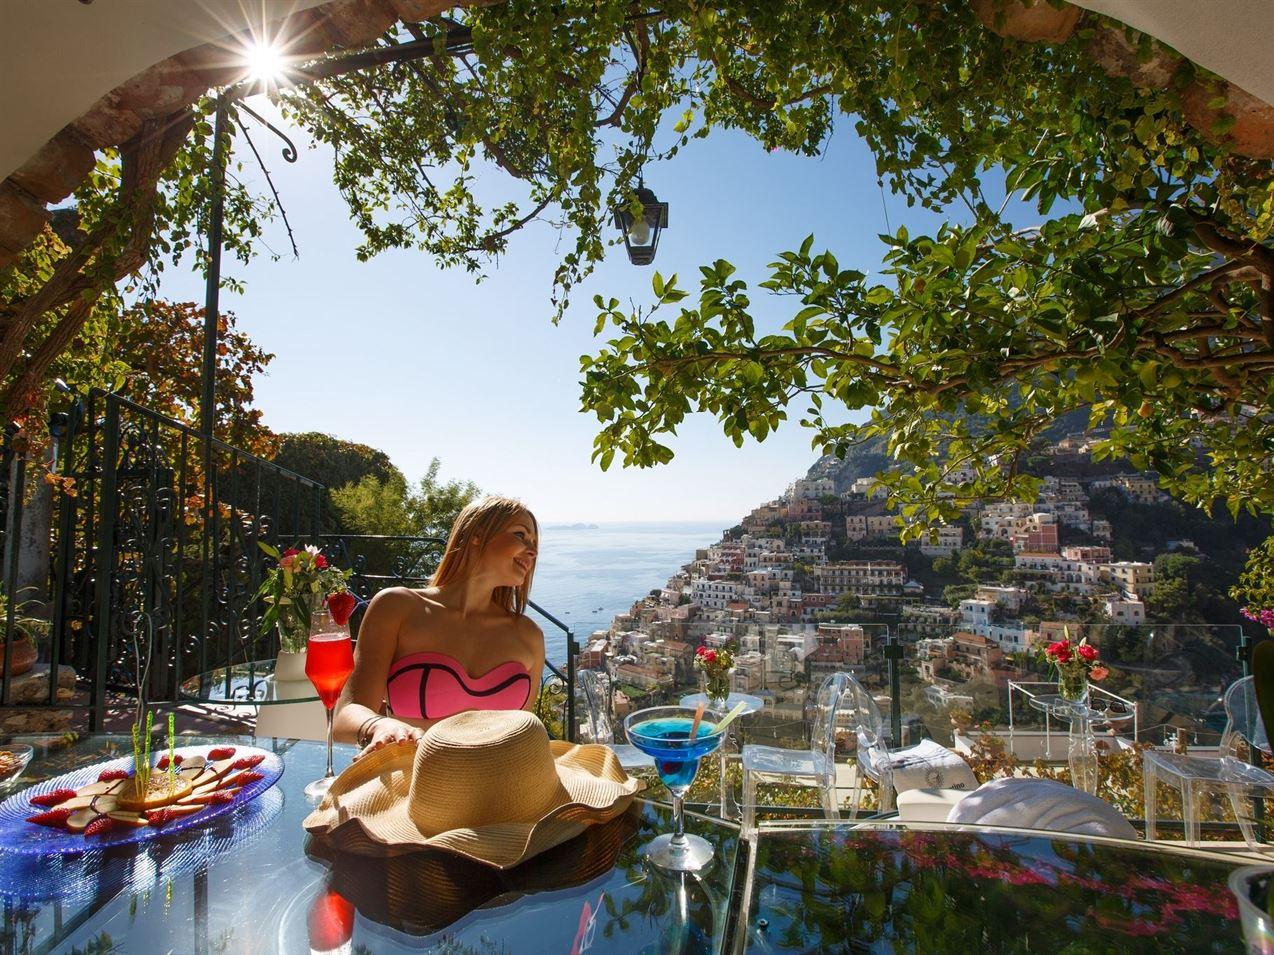 villa fiorentino positano lifestyle